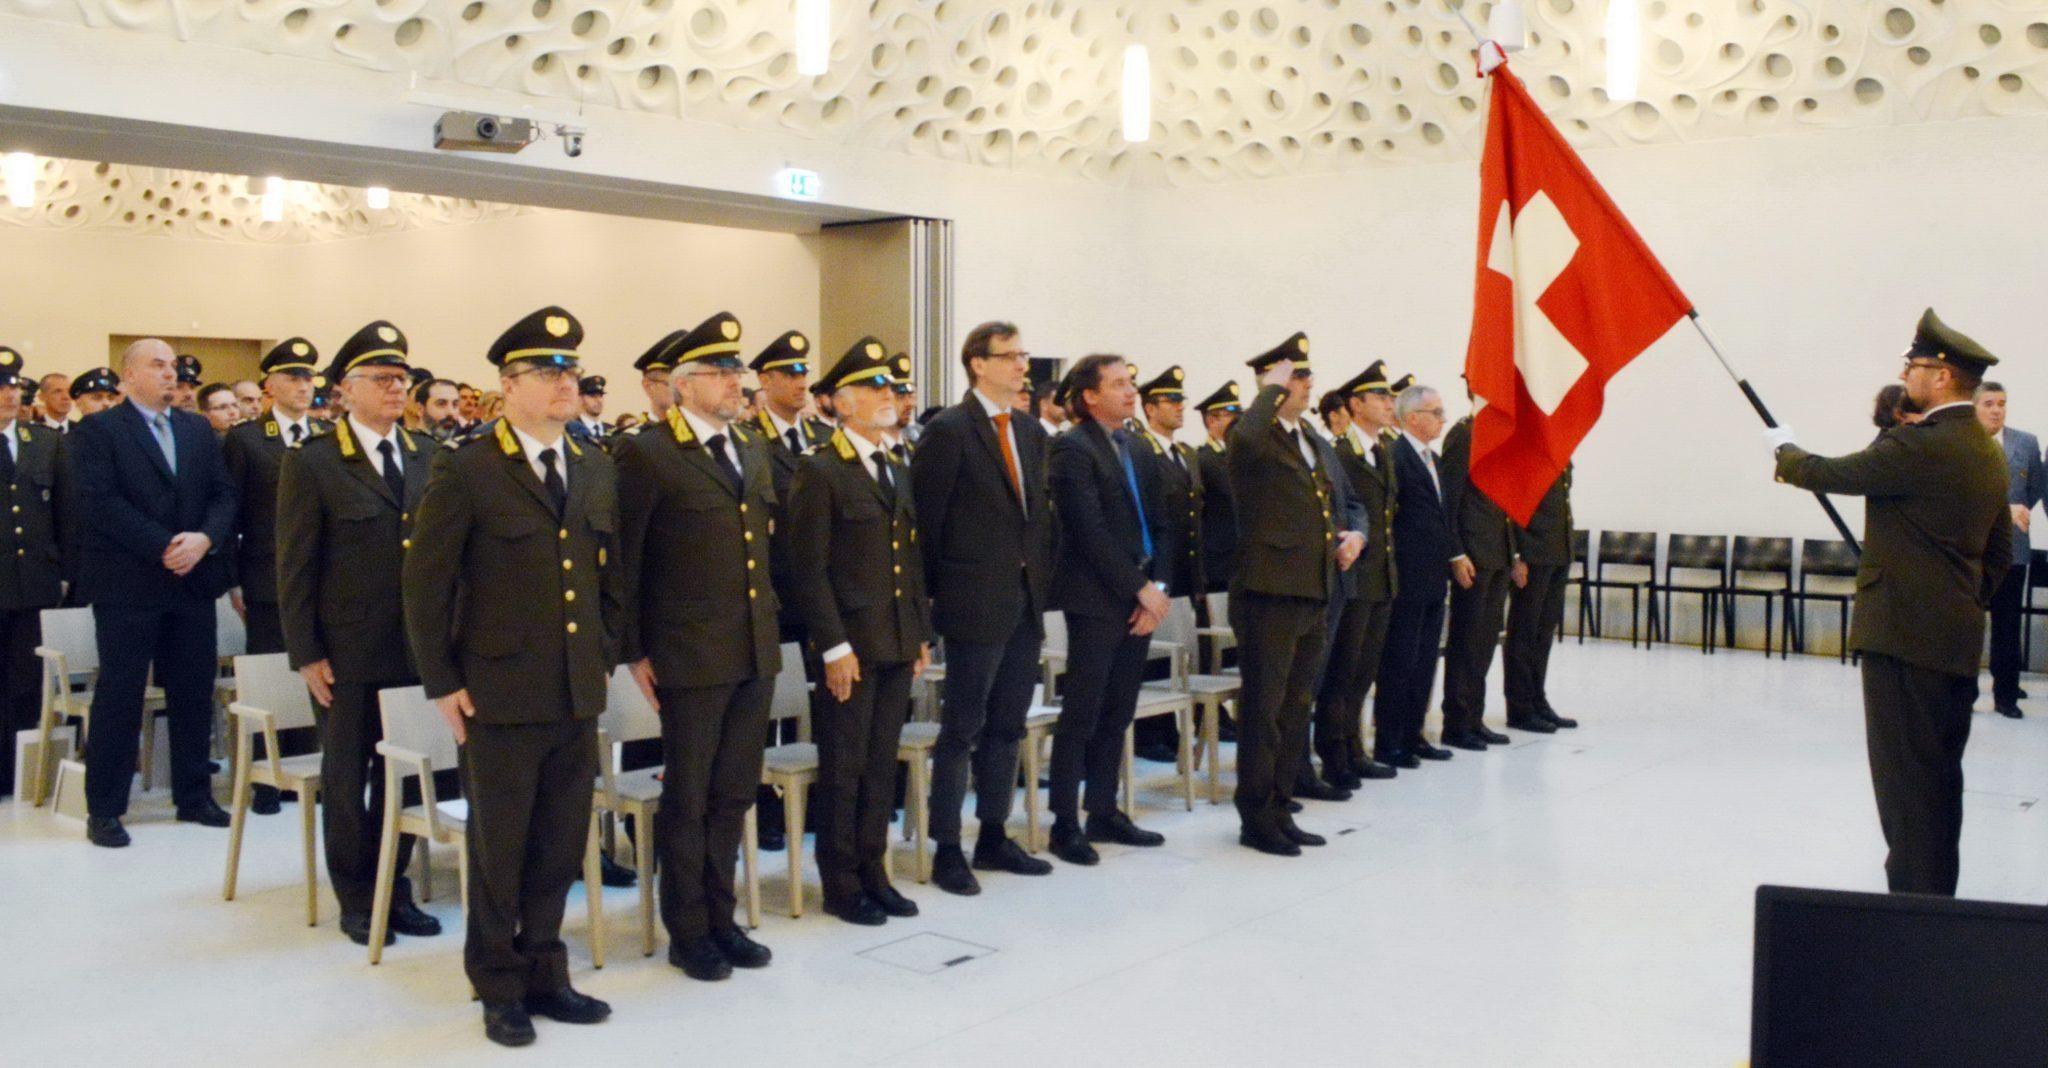 Cerimonia annuale della Polizia cantonale